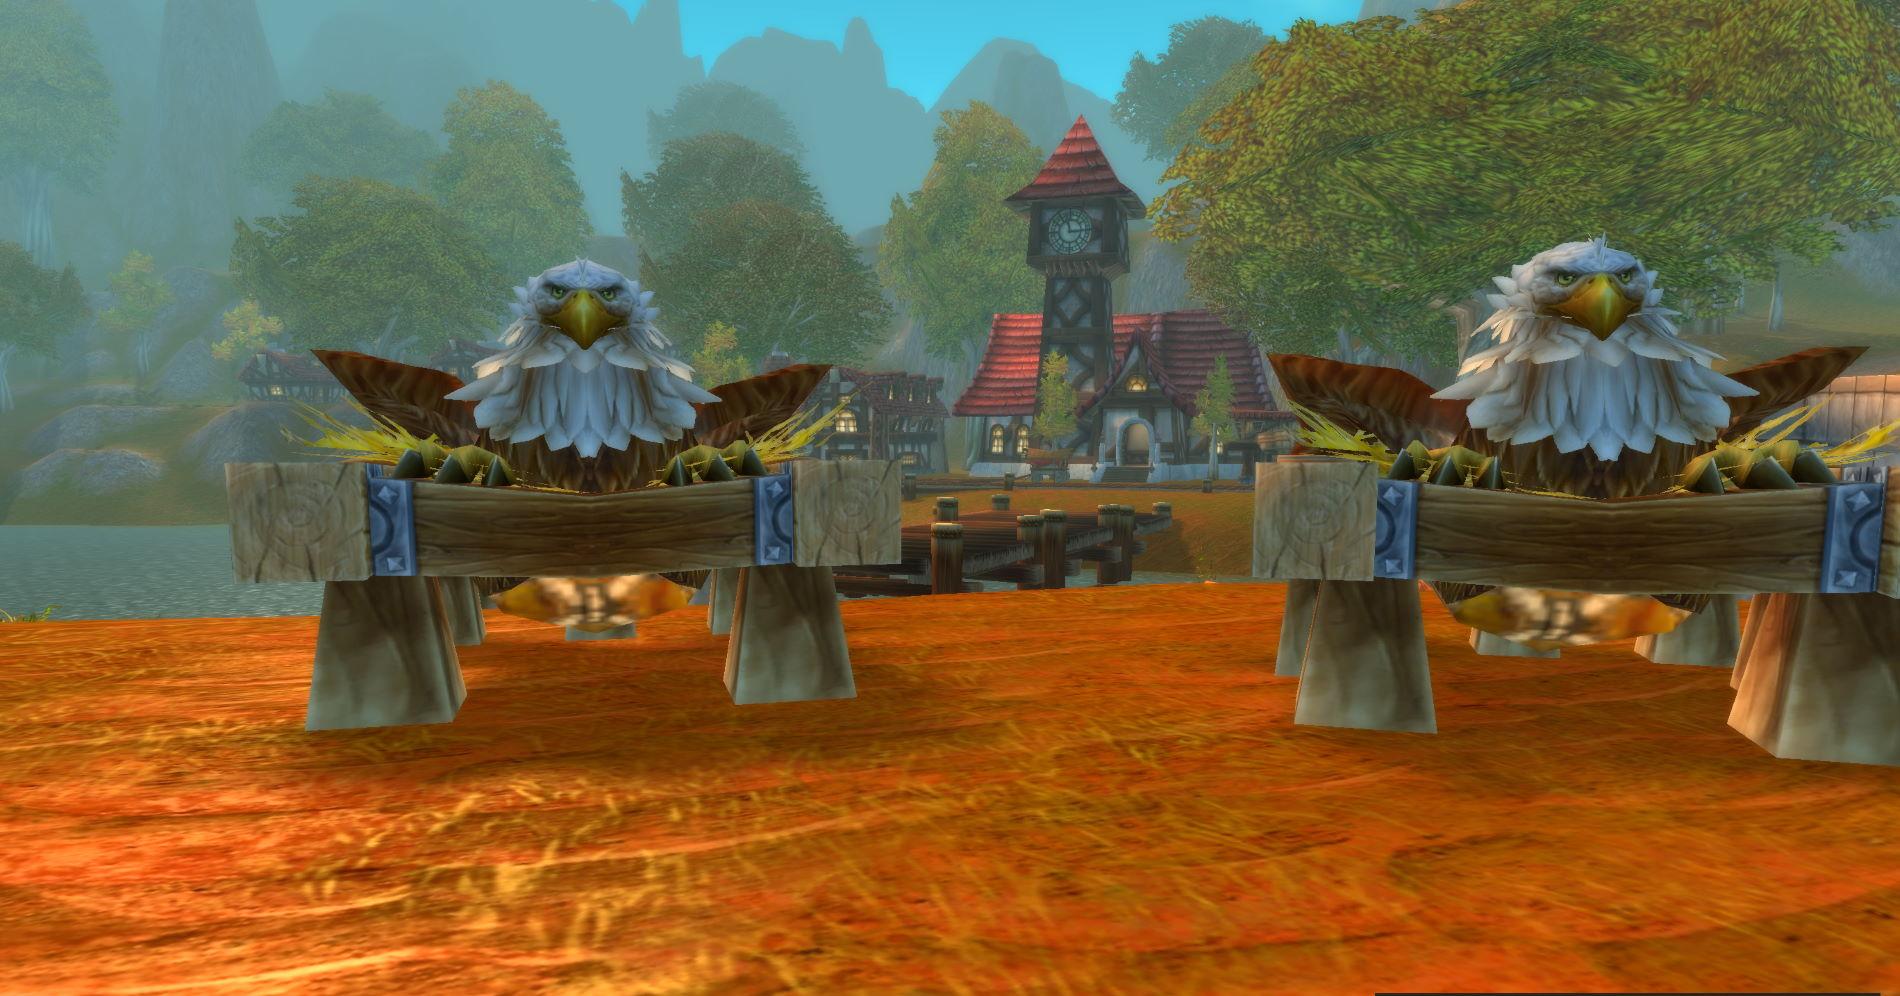 Blizzard-ek irabaziak zenbatzen ditu, eta jokalarientzako zilarrezko piezak primeran daude - World of Warcraft: Classic